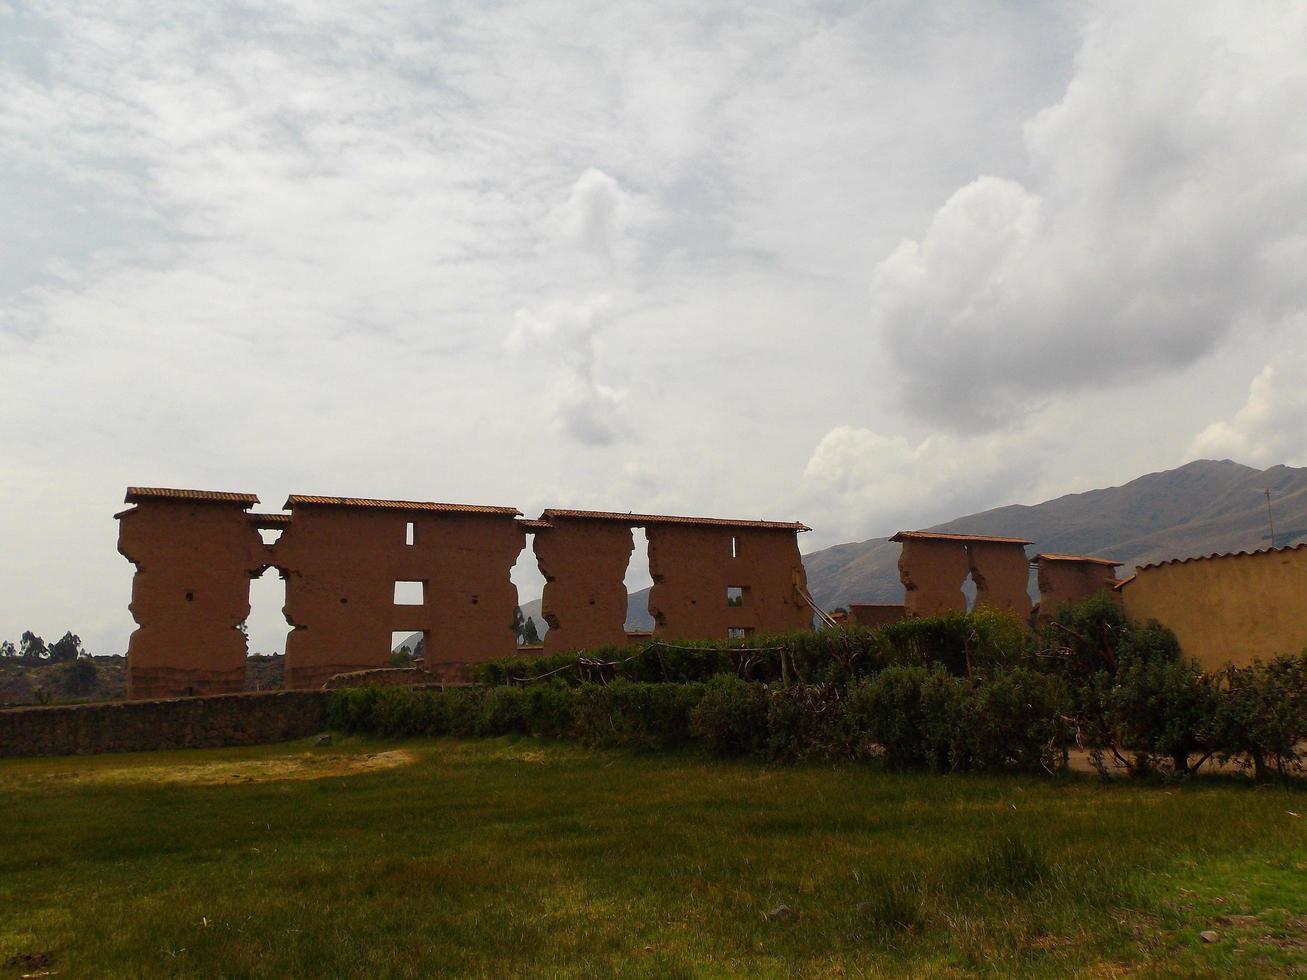 ruines antiques au pérou éloigné photo